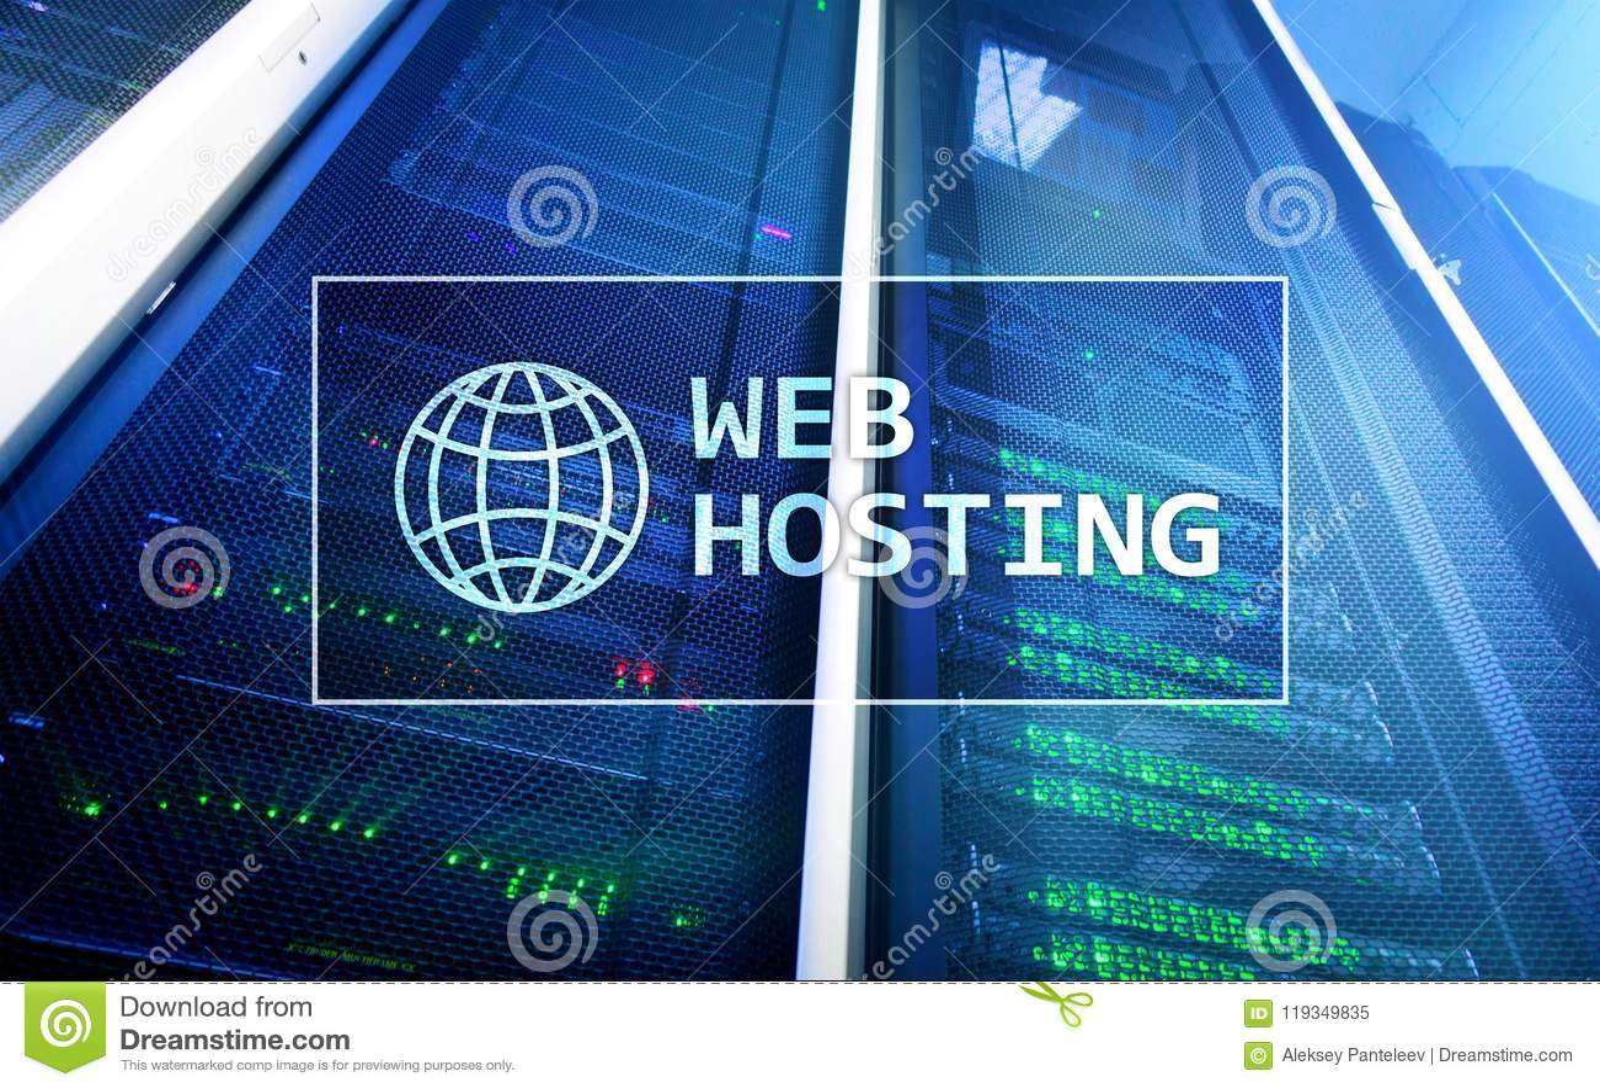 Спейс веб хостинг зрелые хостинг